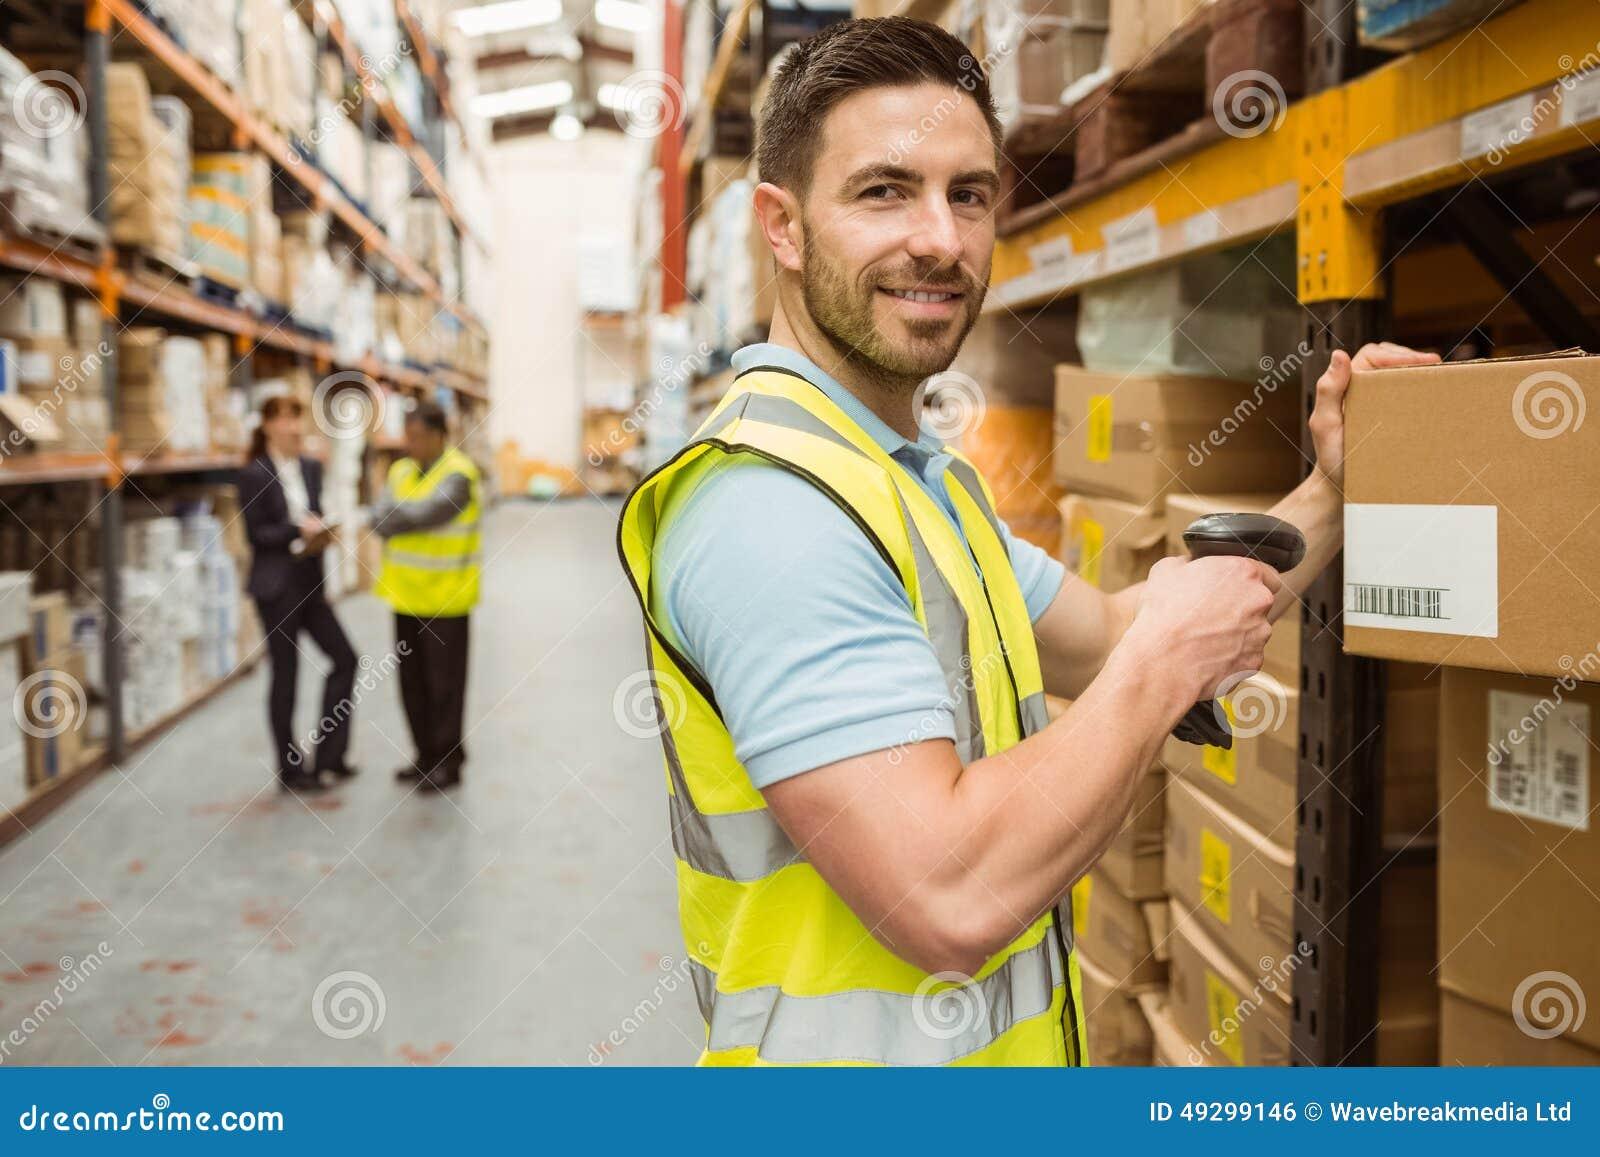 Immagazzini la scatola di esame del lavoratore mentre sorridono alla macchina fotografica